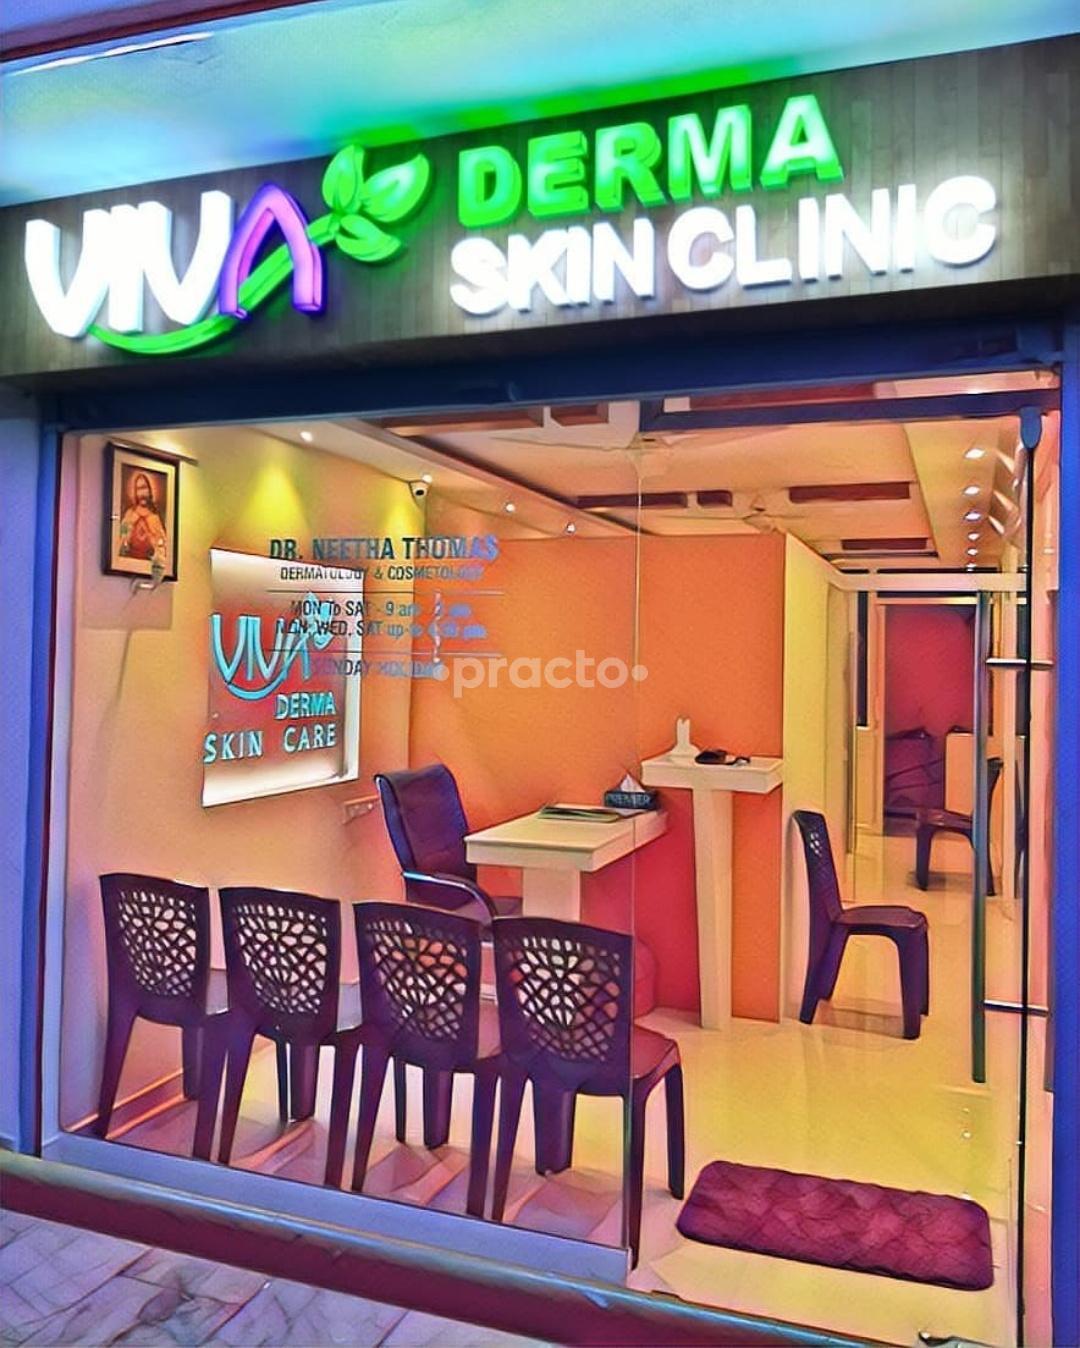 Viva skin clinic